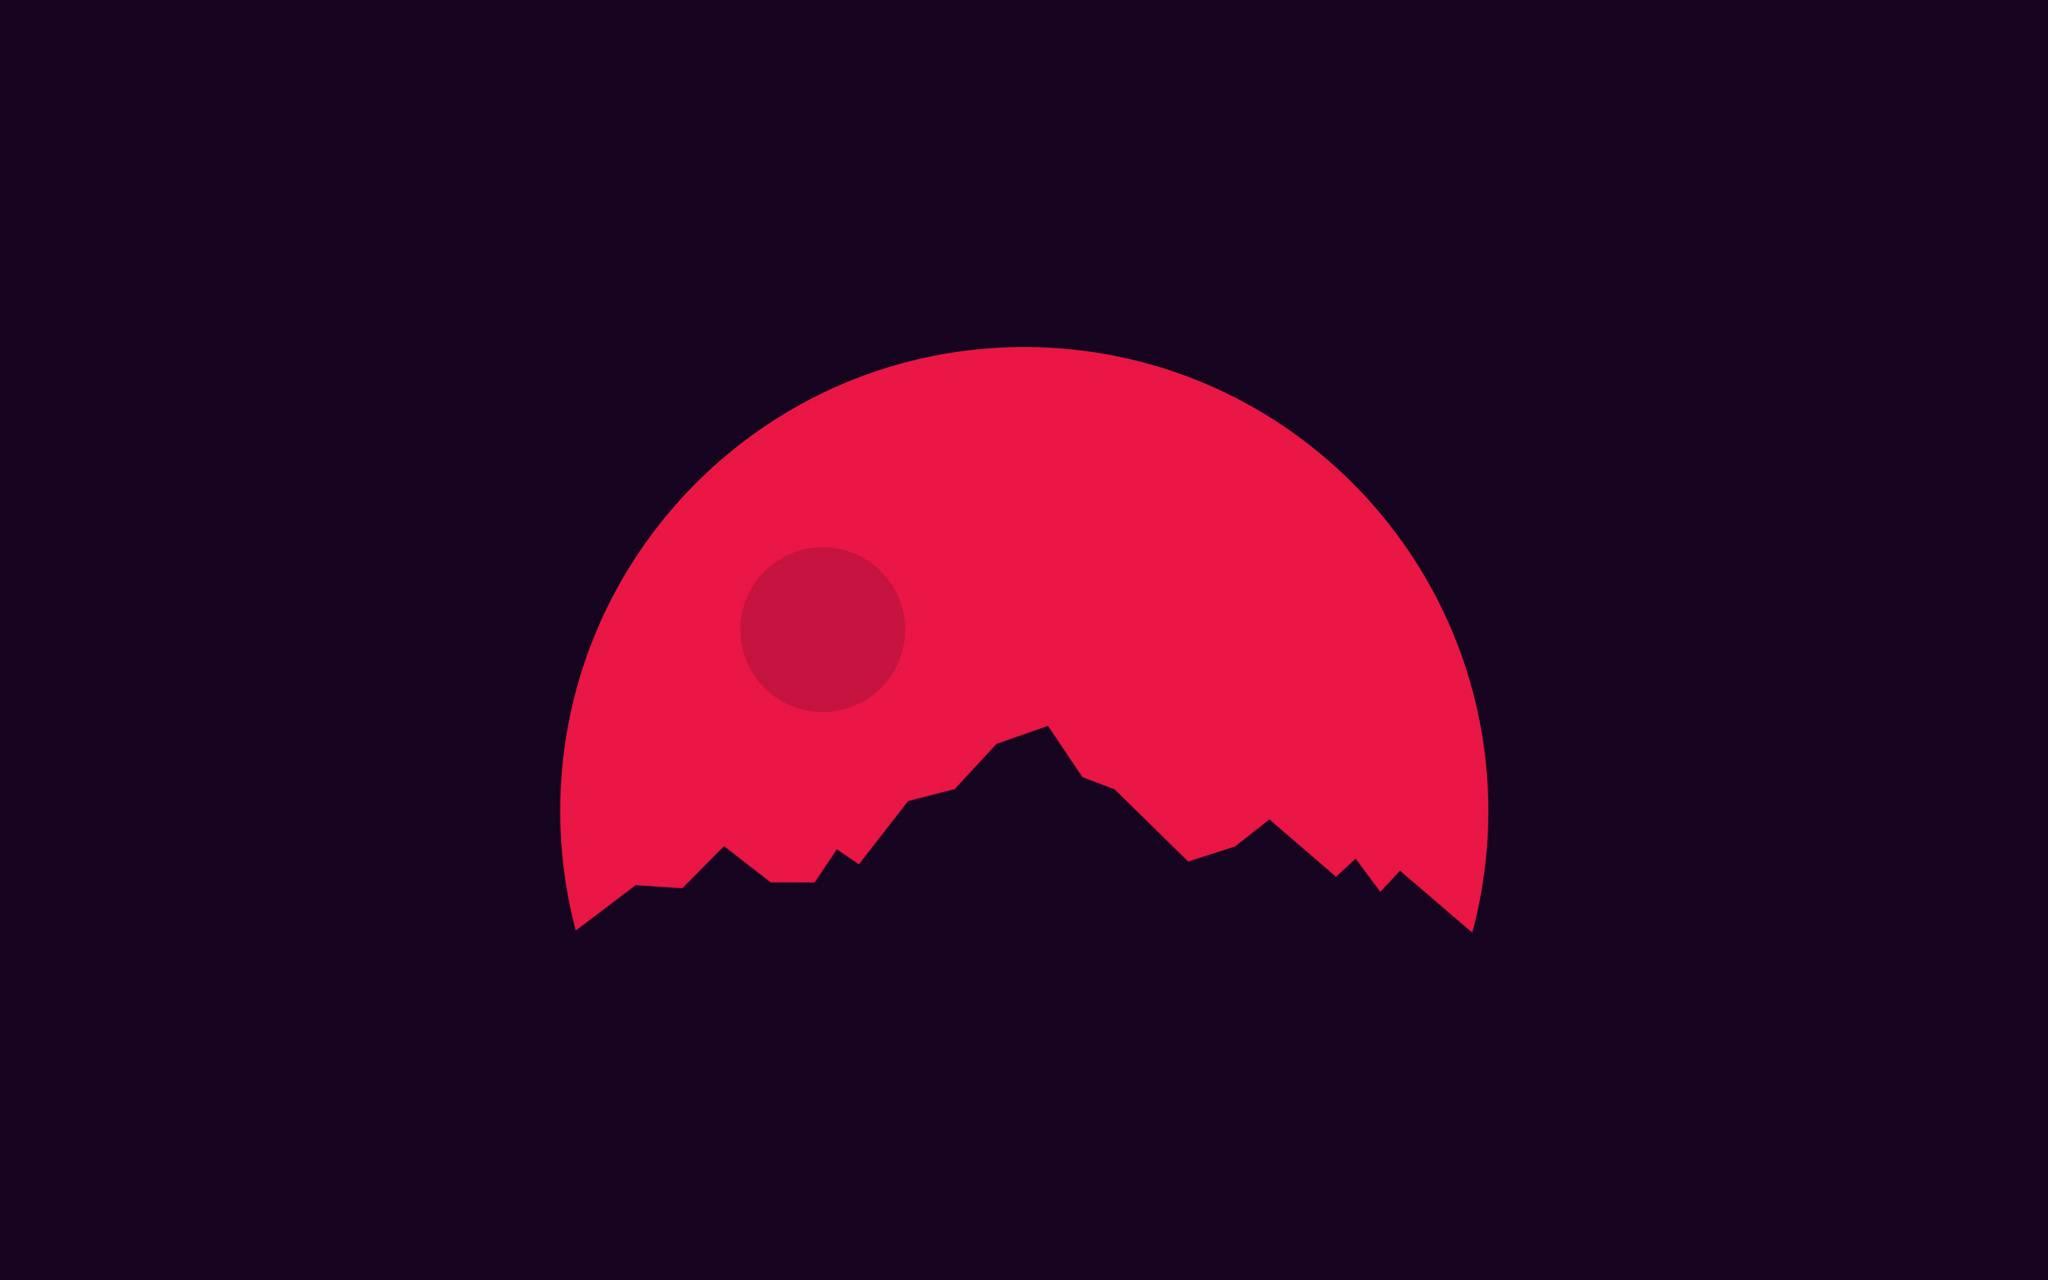 Mountain on mars